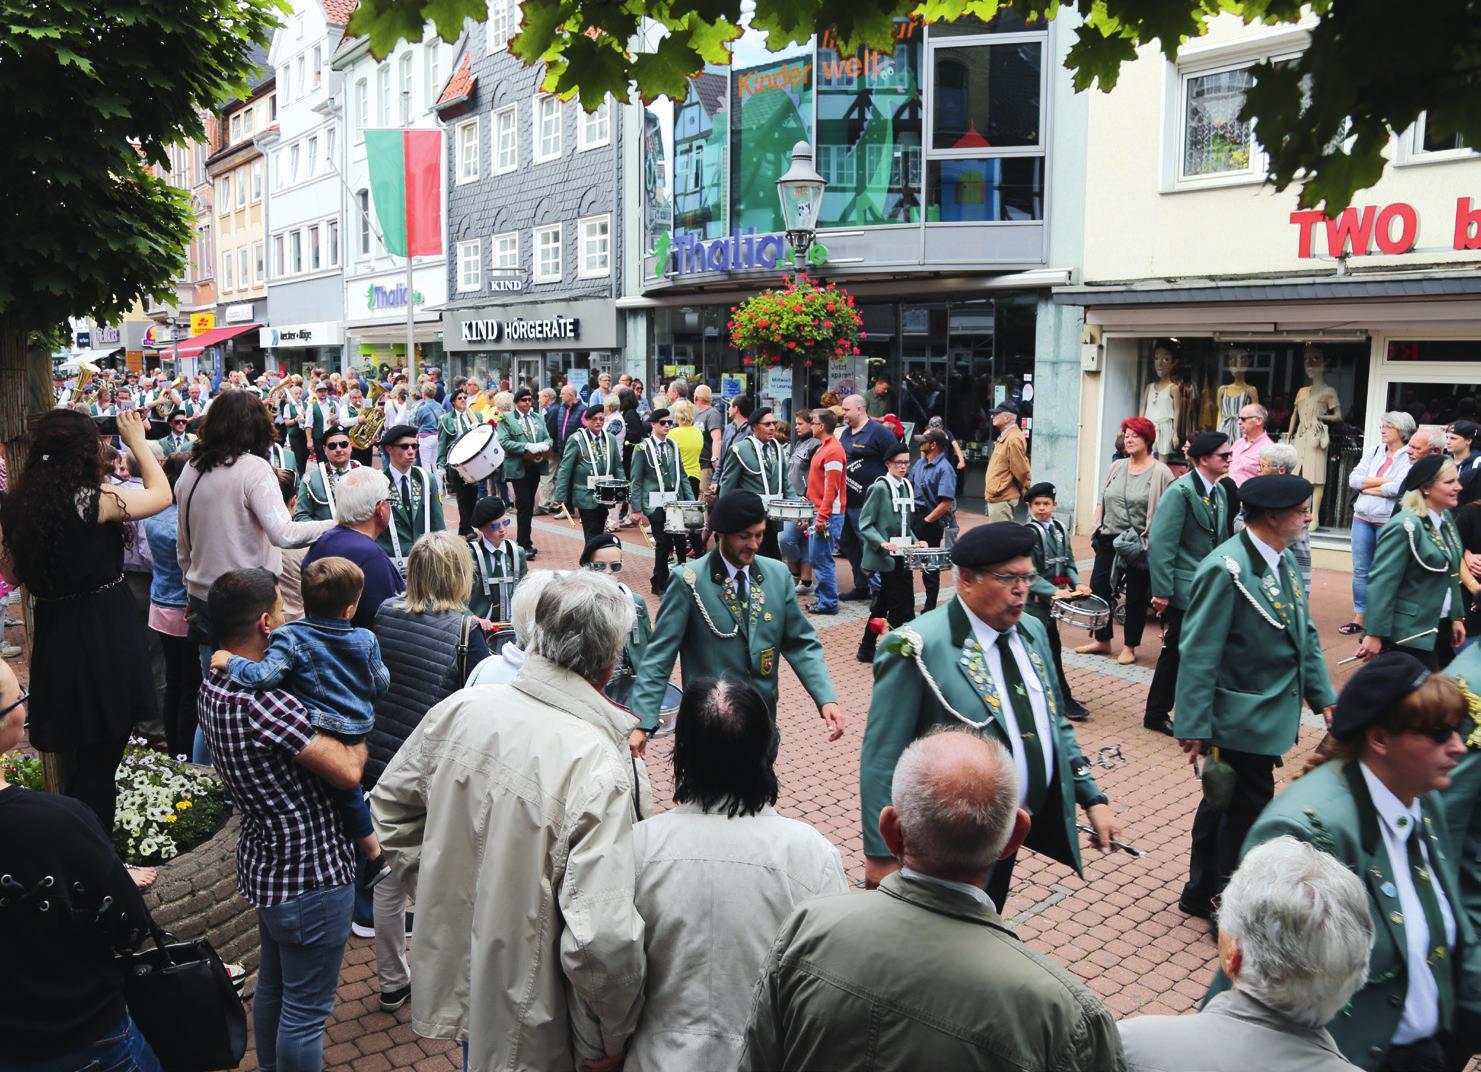 Freischiessen Fotoheft - Juli 2019 - IV. Image 2